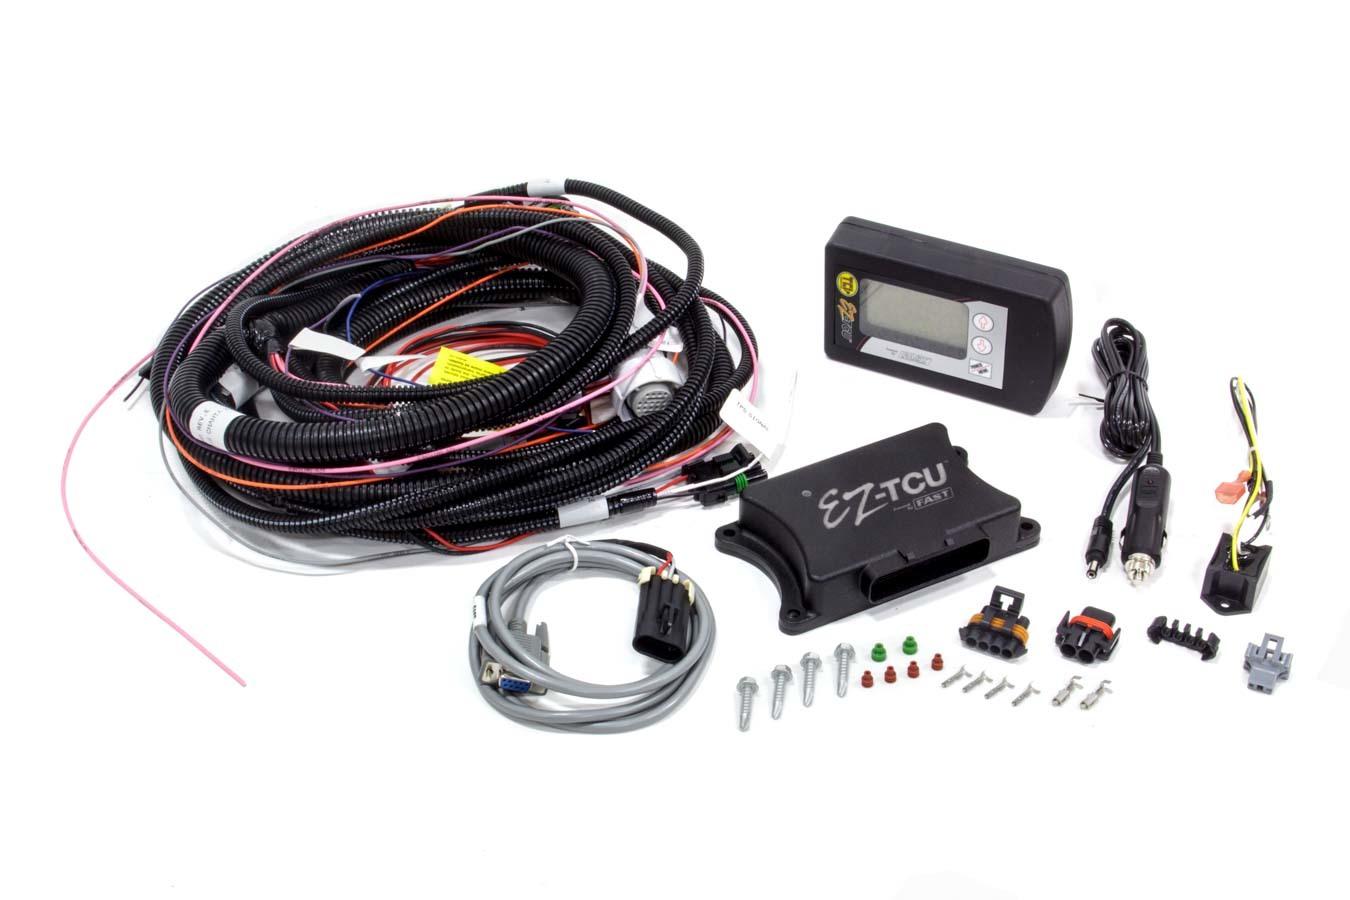 Fast Electronics 30282-KIT Transmission Controller, EZ TCU, Digital Display / Harness, 4L60E / 4L65E / 4L80E / 4L85E, Kit